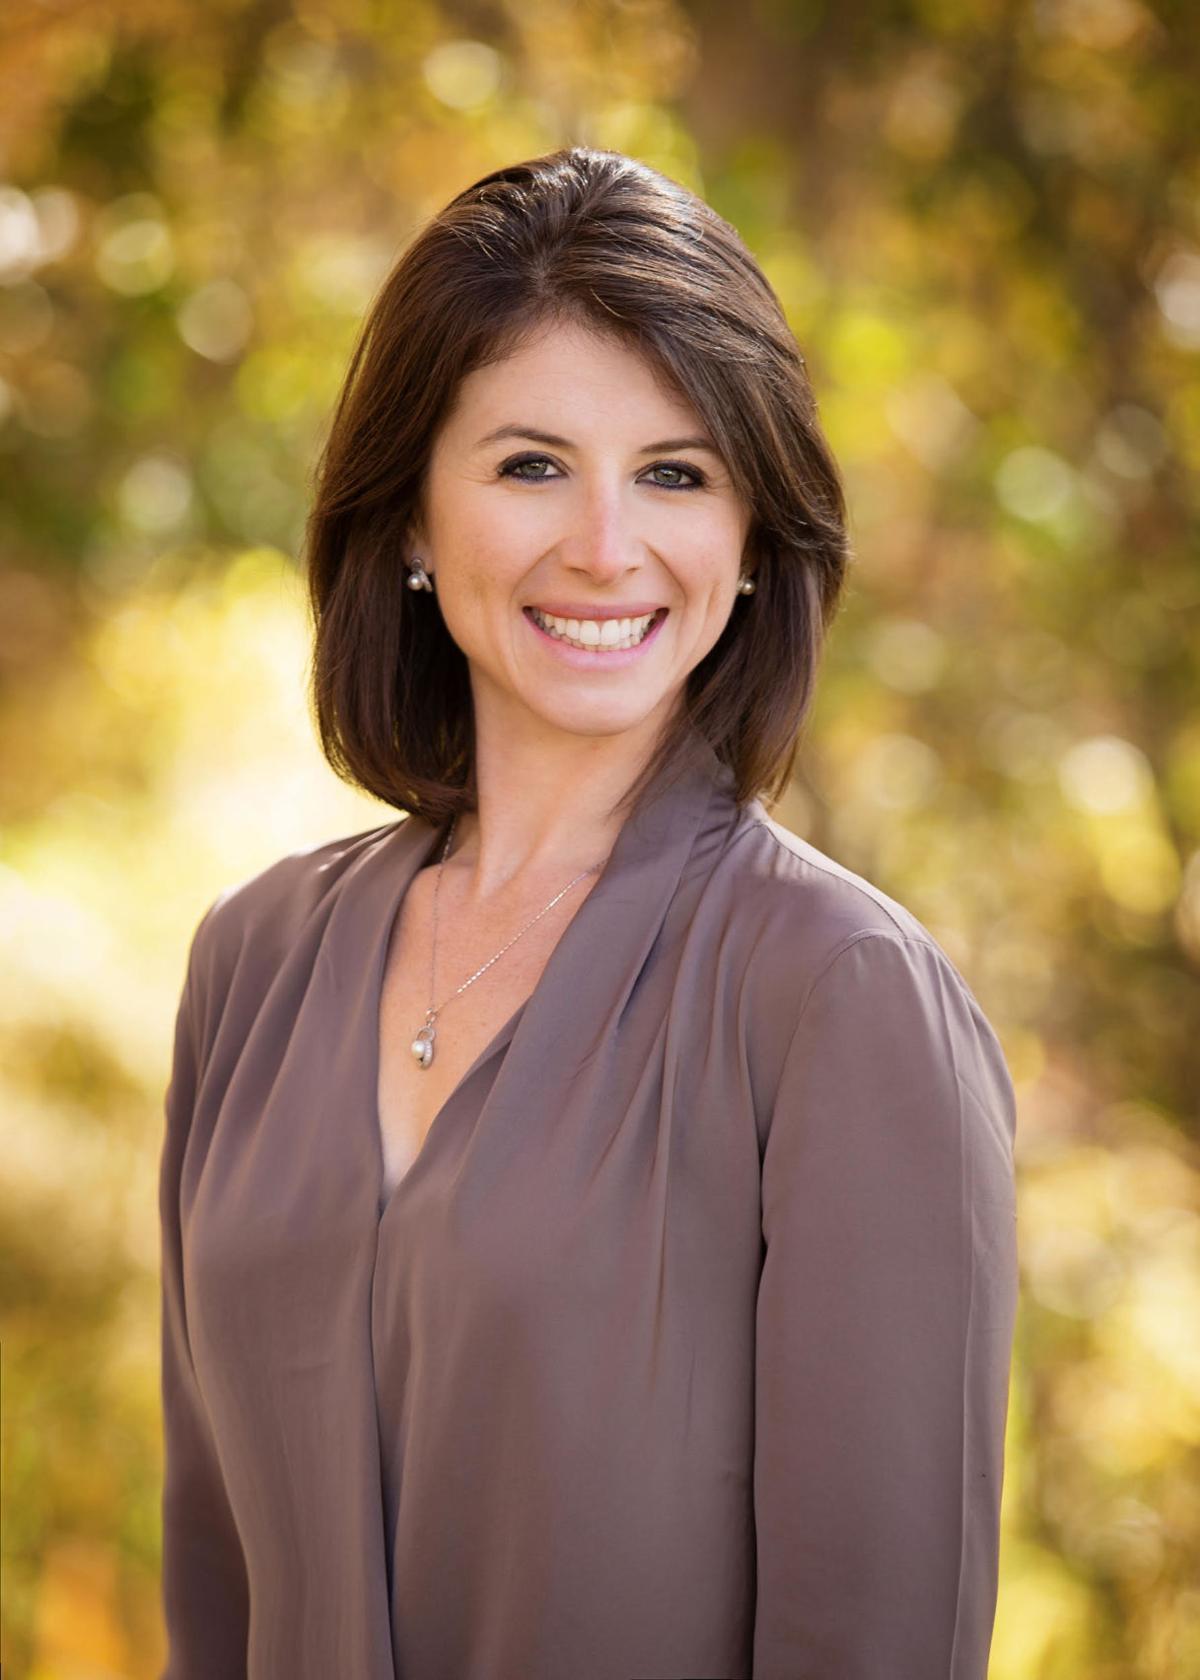 Dr. Ashley Lucas